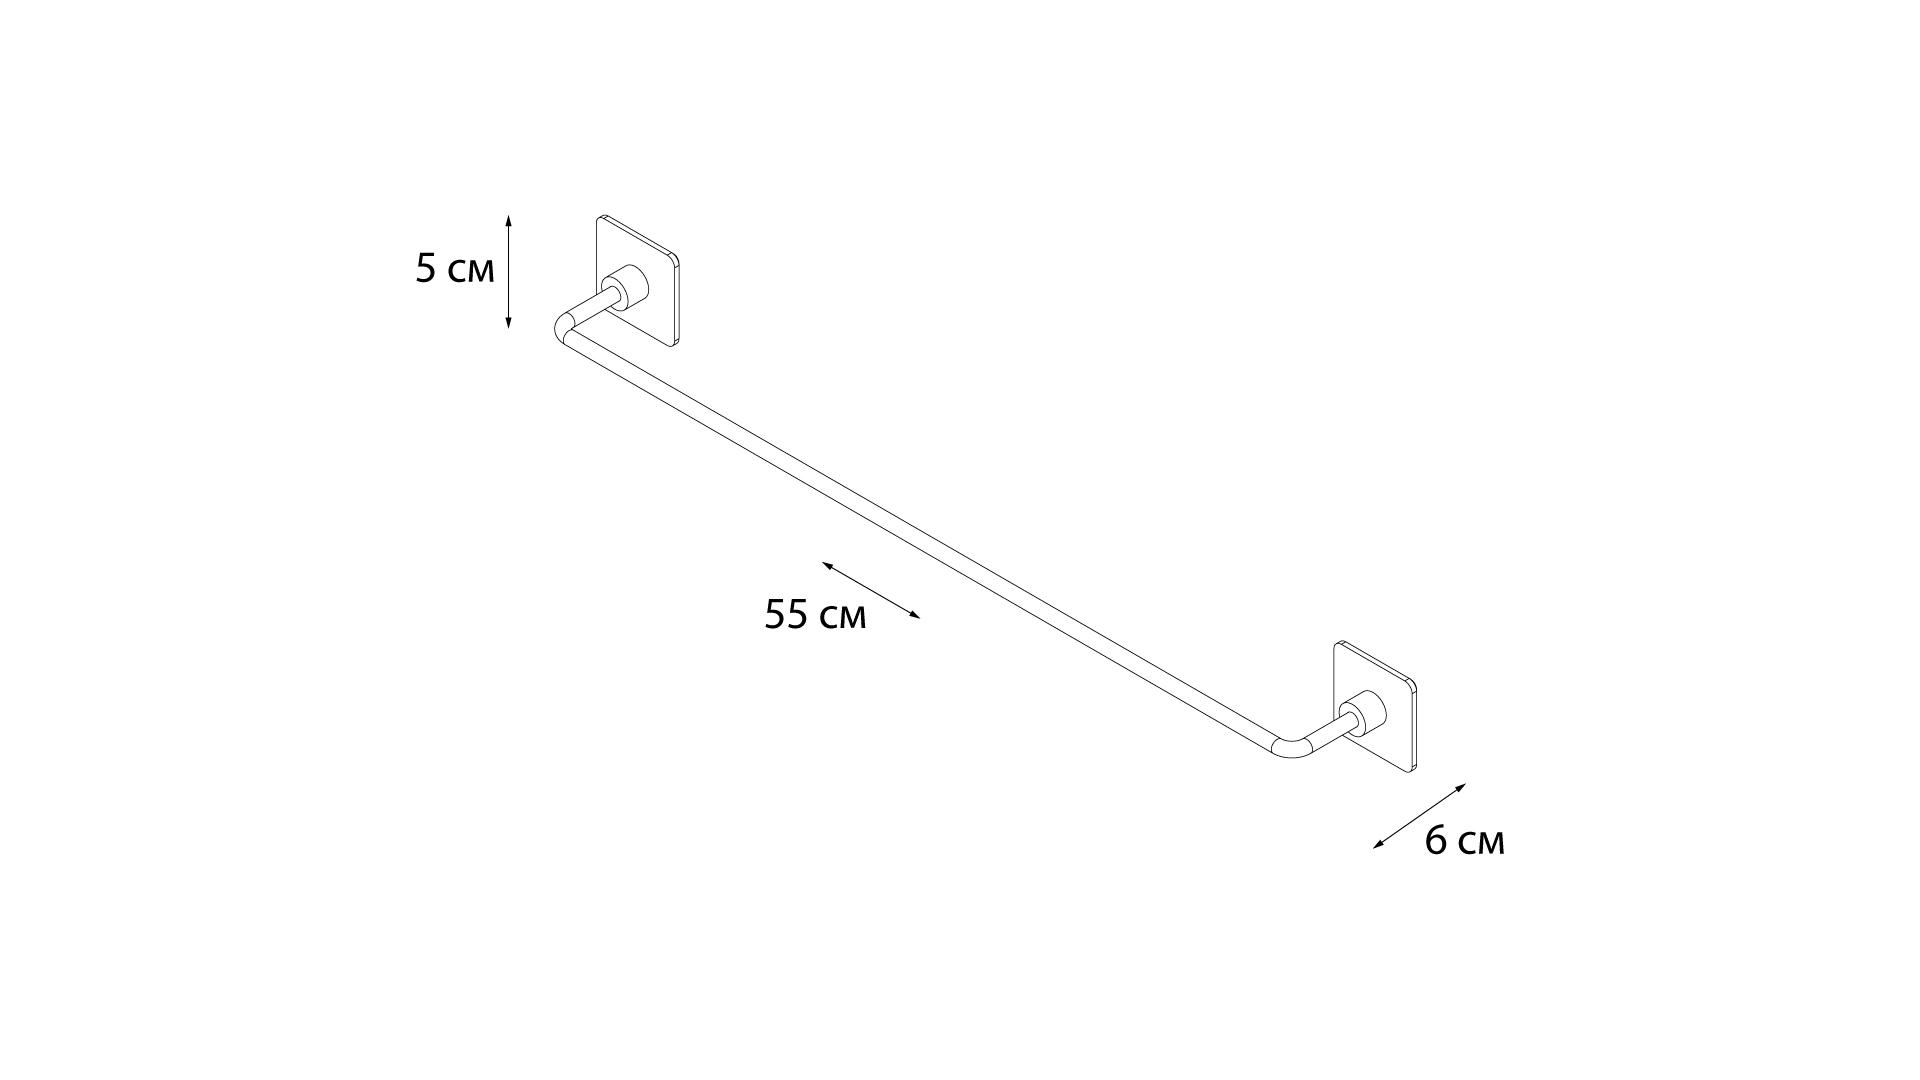 Полотенцедержатель трубчатый 55 см Square